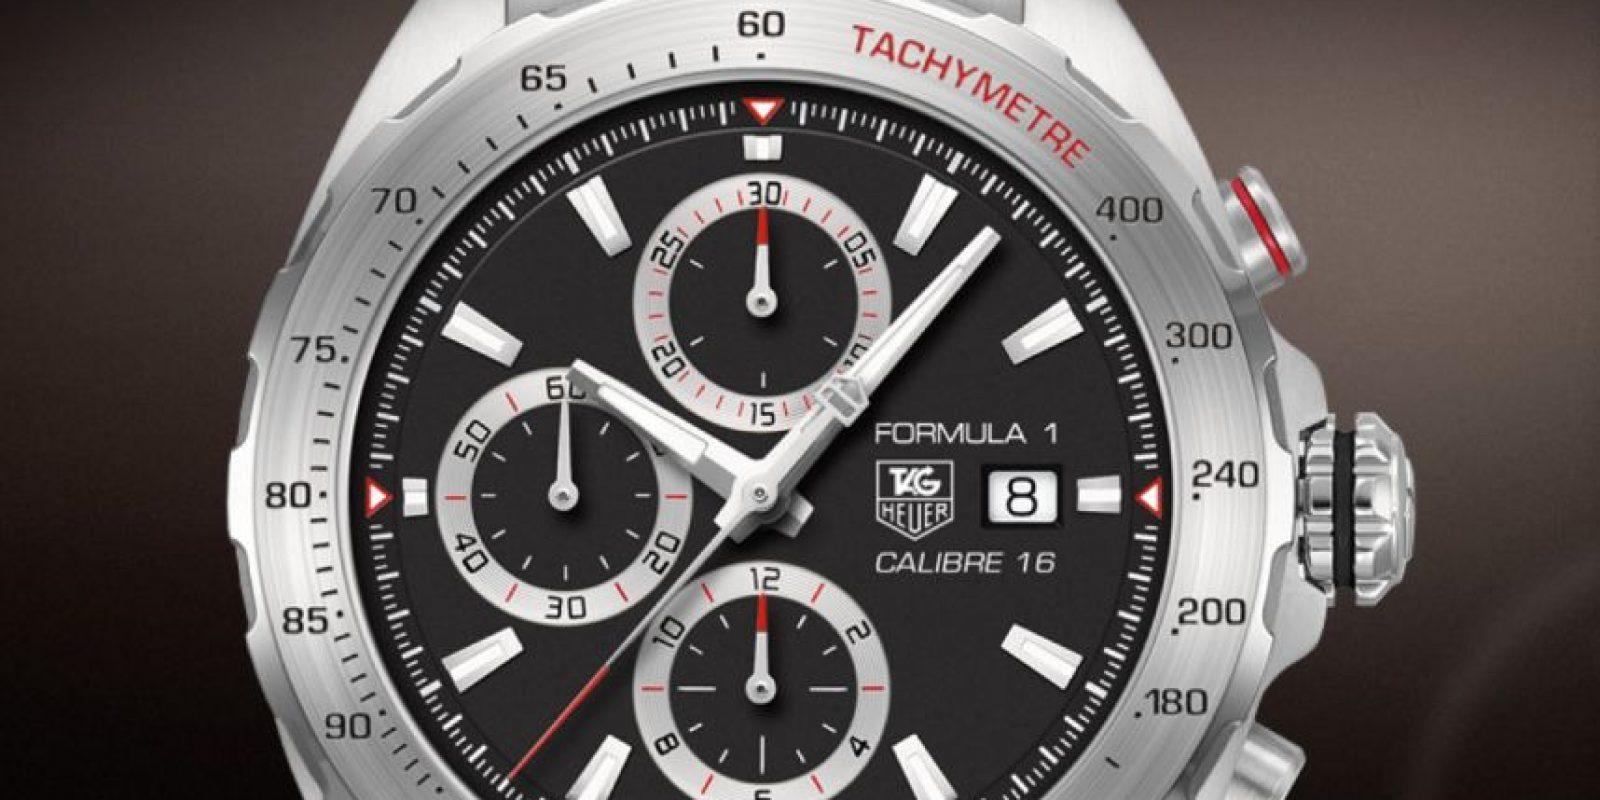 Tag Heuer combina perfectamente el diseño elegante y casual con la funcionalidad y exactitud. Foto:tagheuer.com